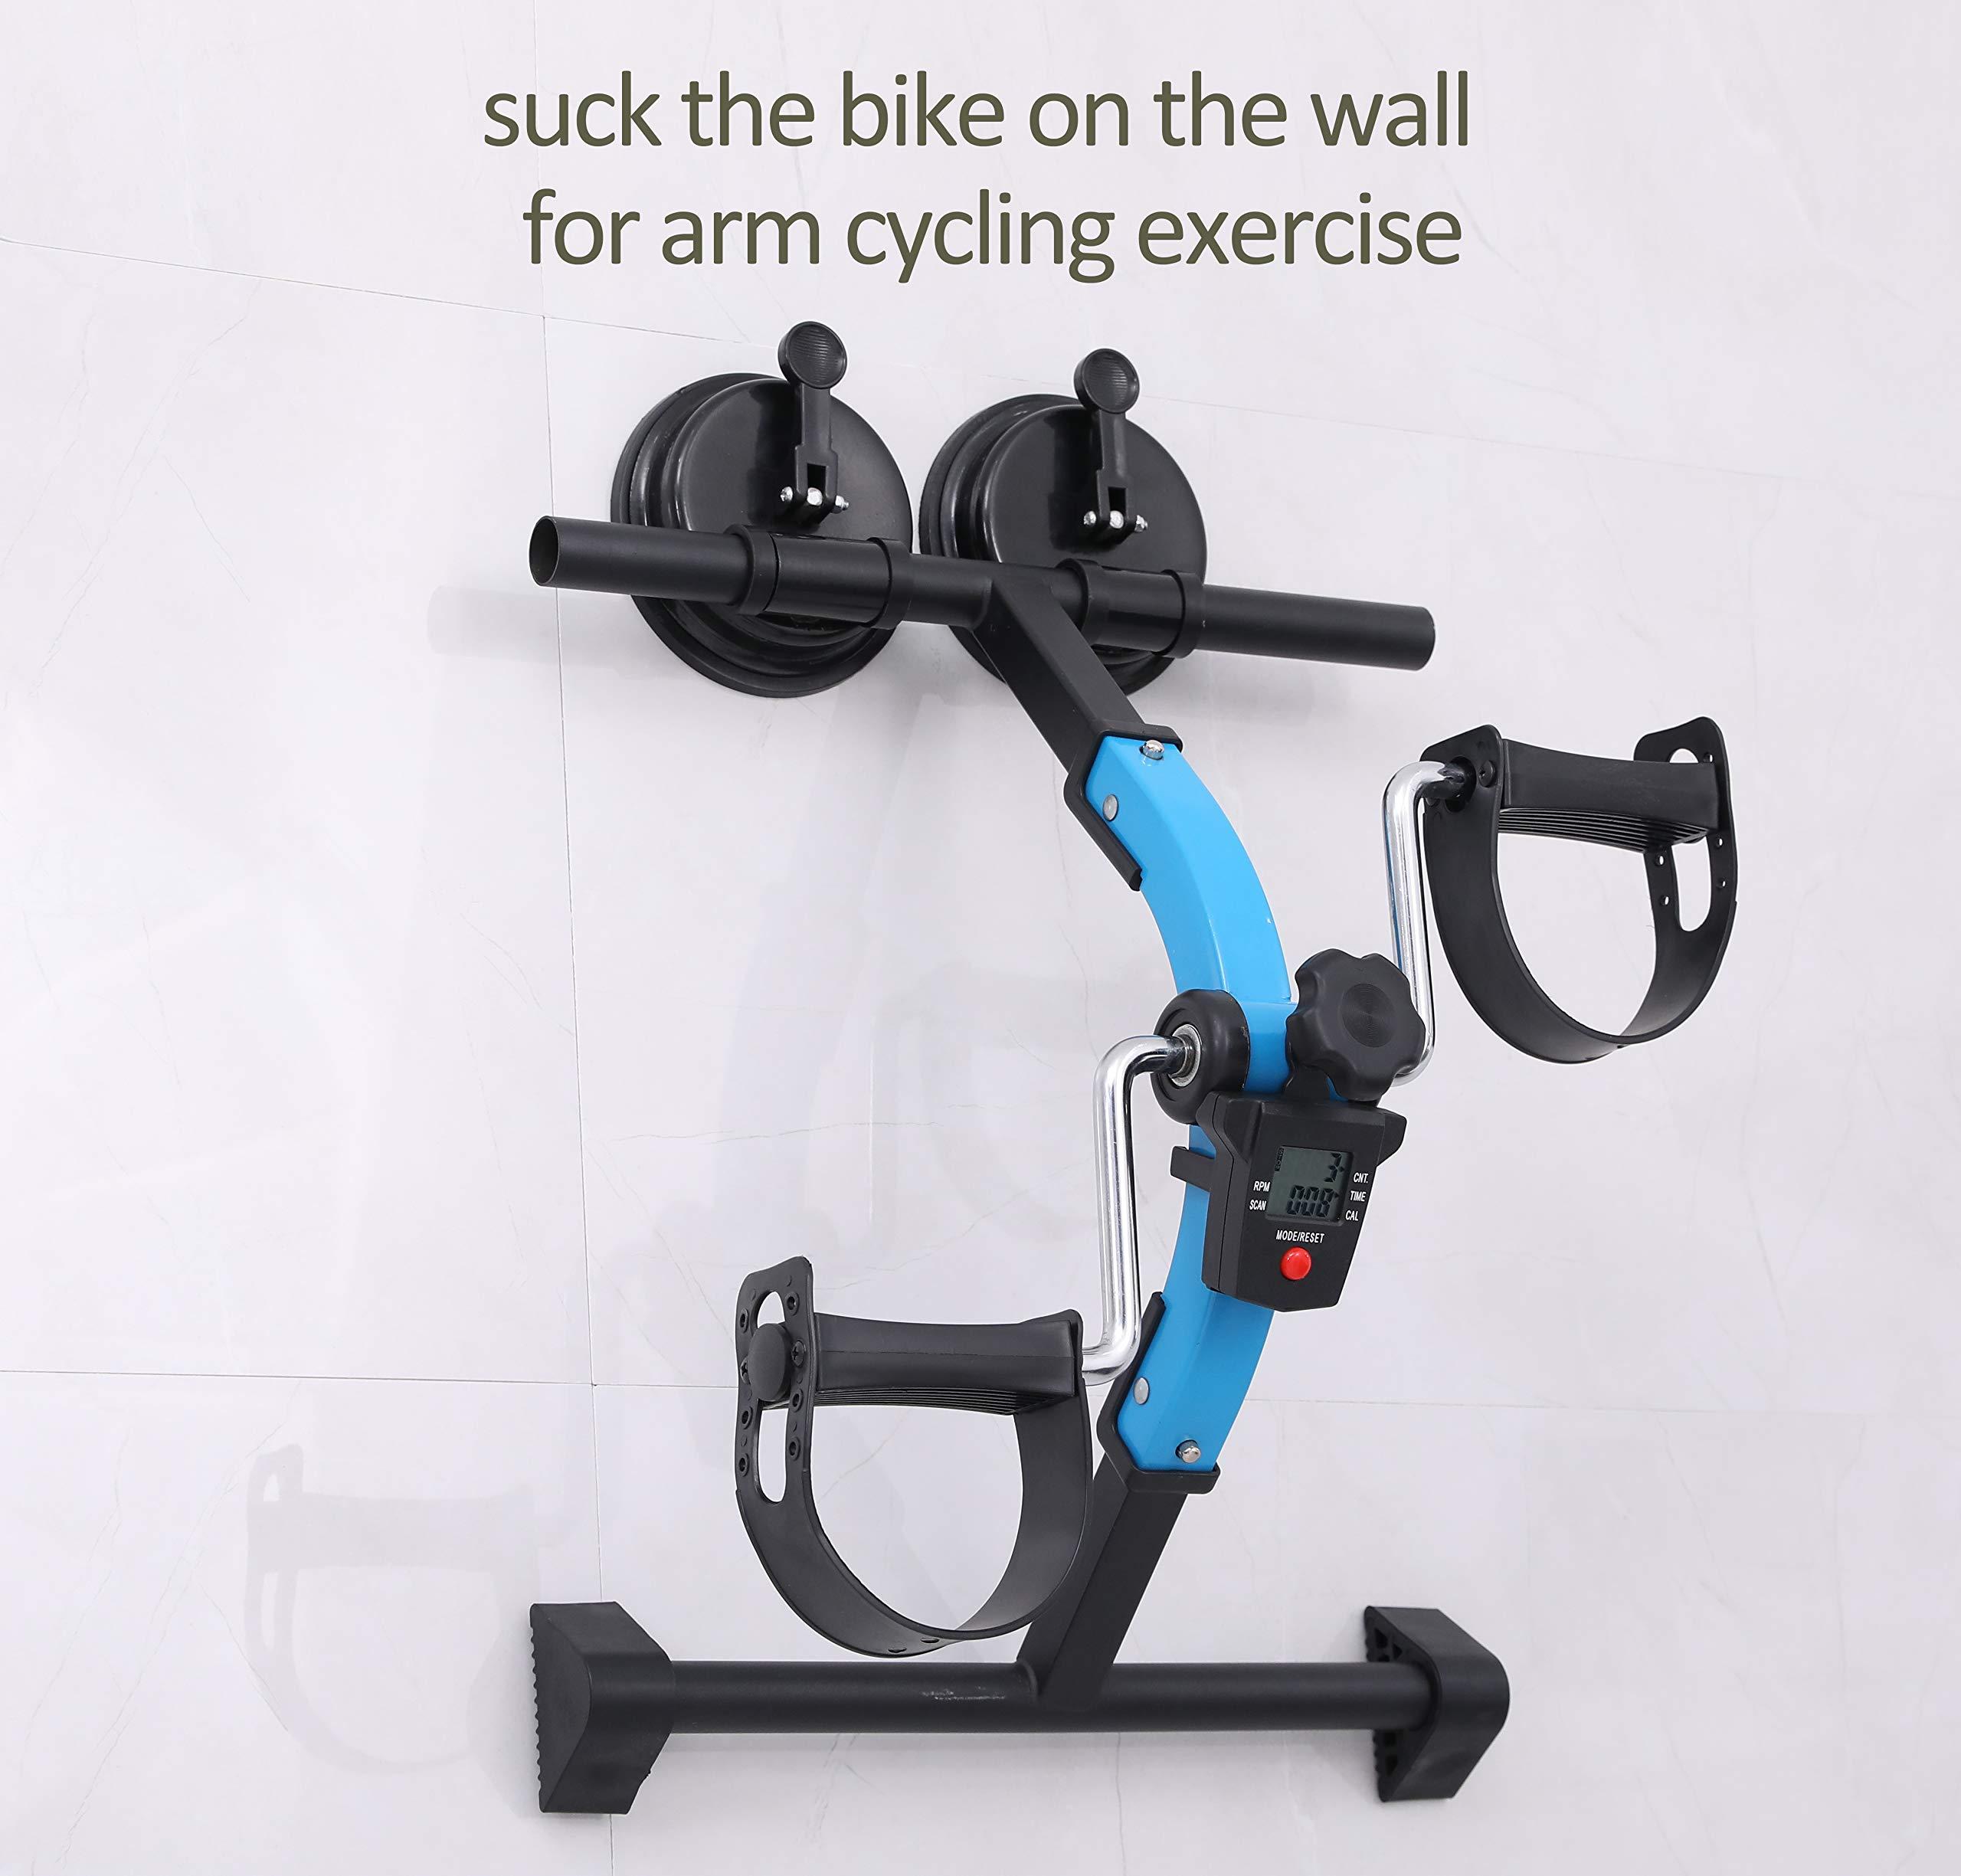 MOMODA Anti-Slip Foot for Mini Exercise Bike Stopper and Holder Anti-Slip Sucker for Pedal Exerciser or Leg Exerciser 2 pcs (26MM) by MOMODA (Image #6)